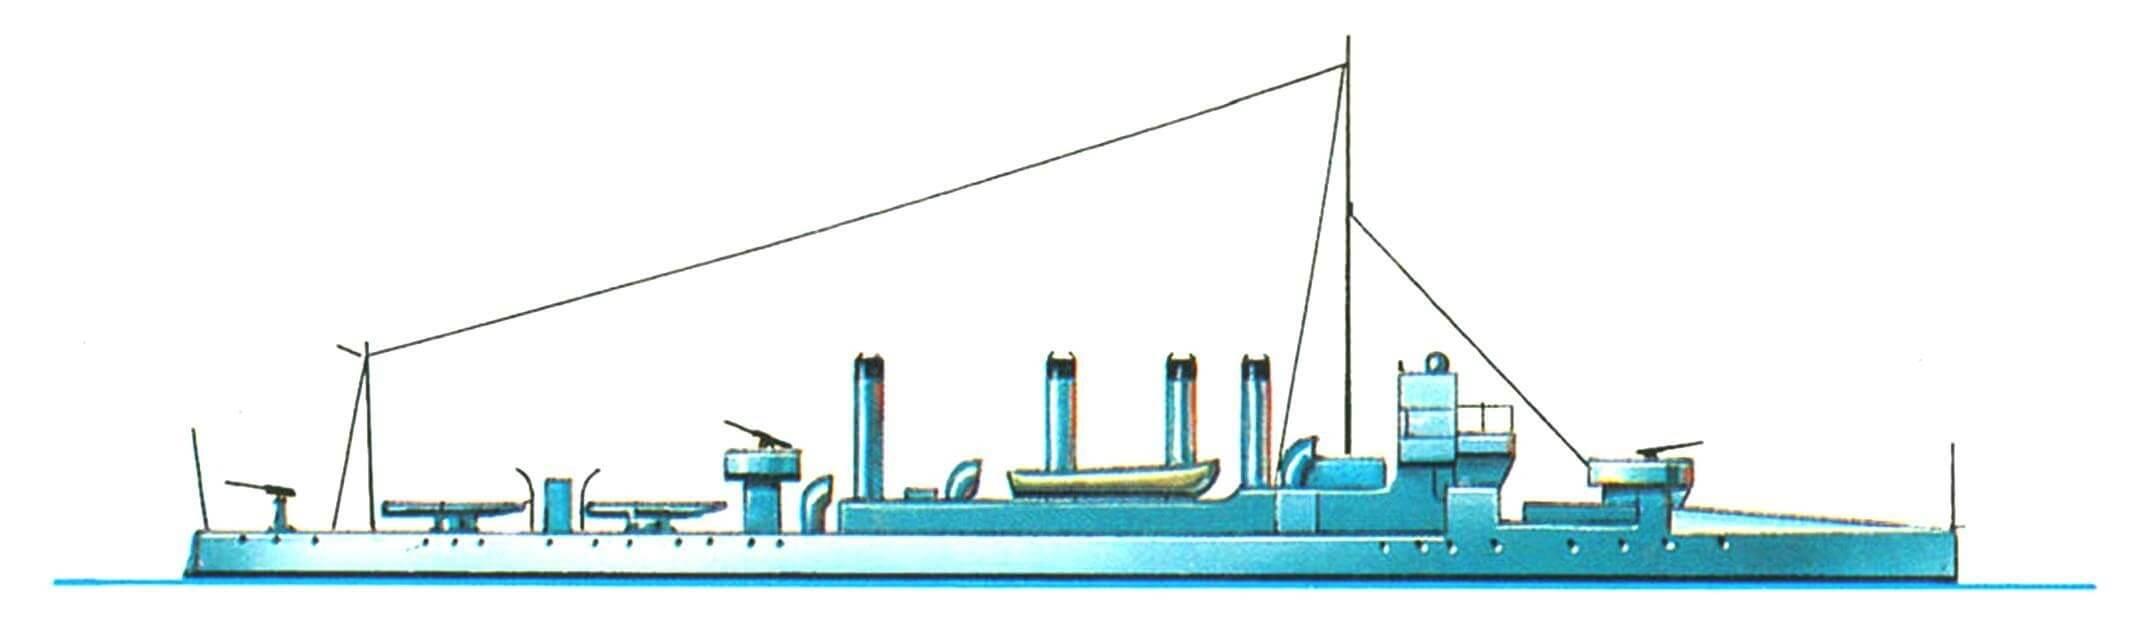 156. Эскадренный миноносец «Тьелла», Греция, 1906 г.